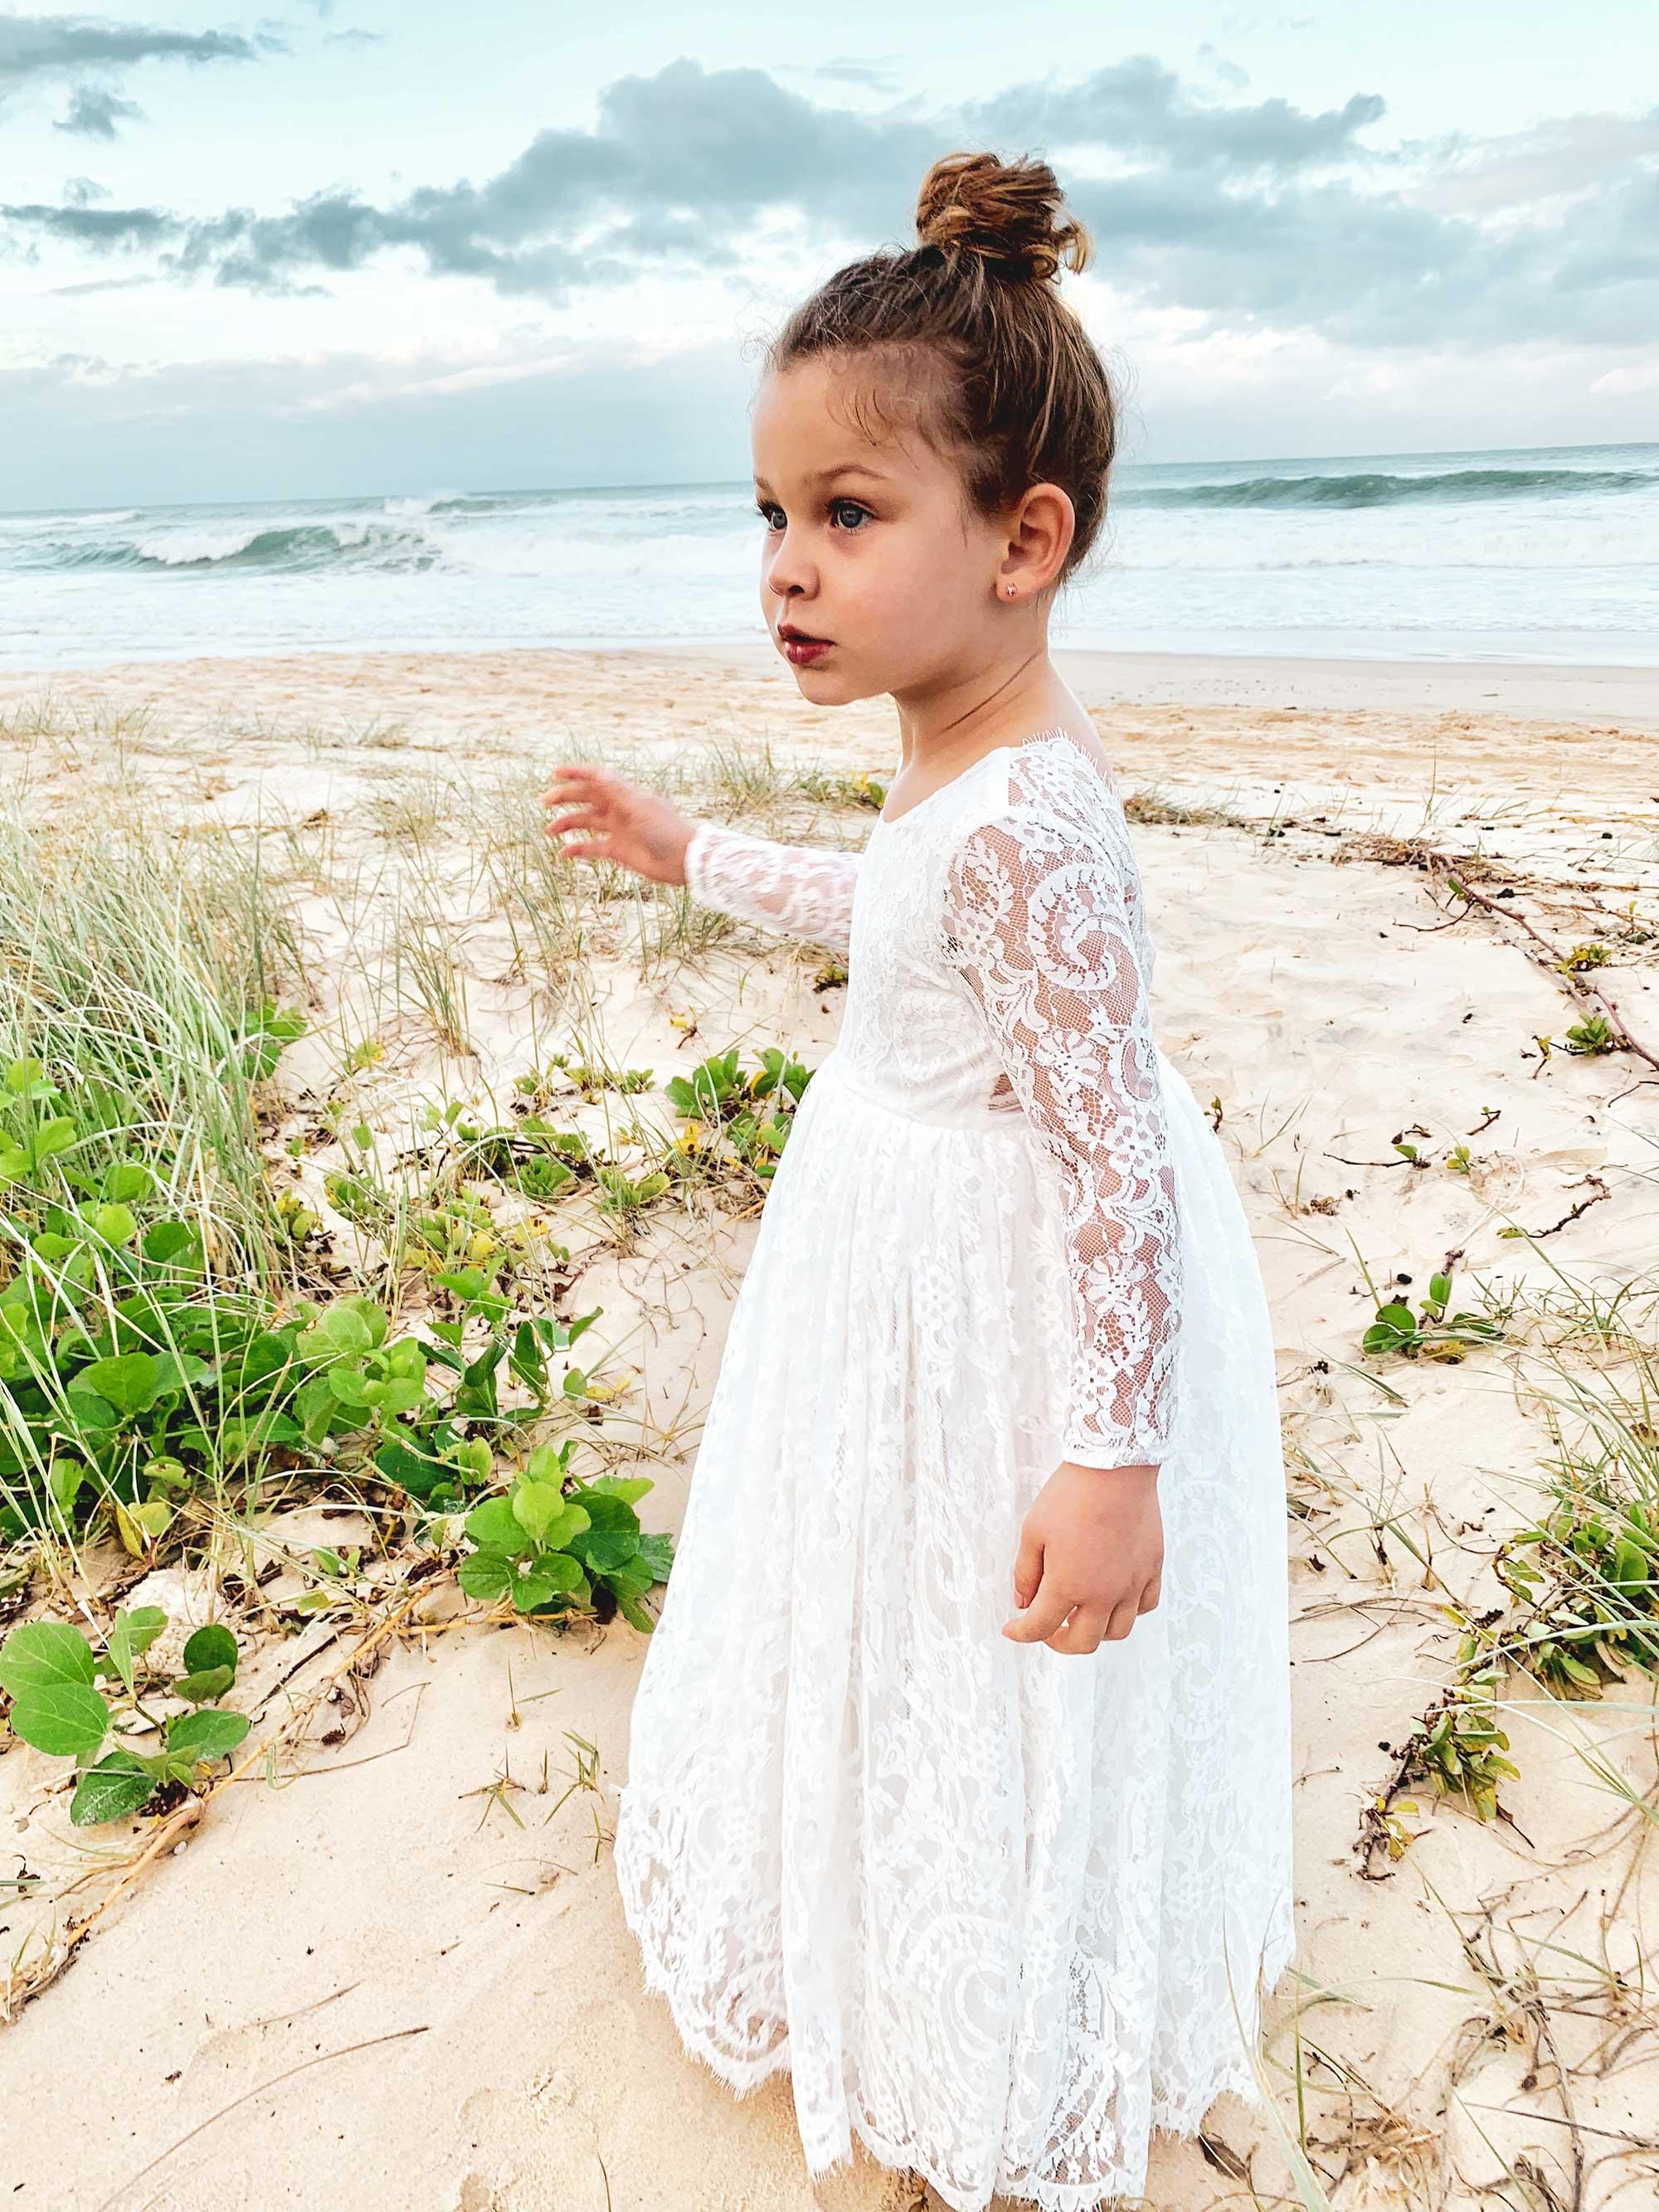 Helena Lace Dress